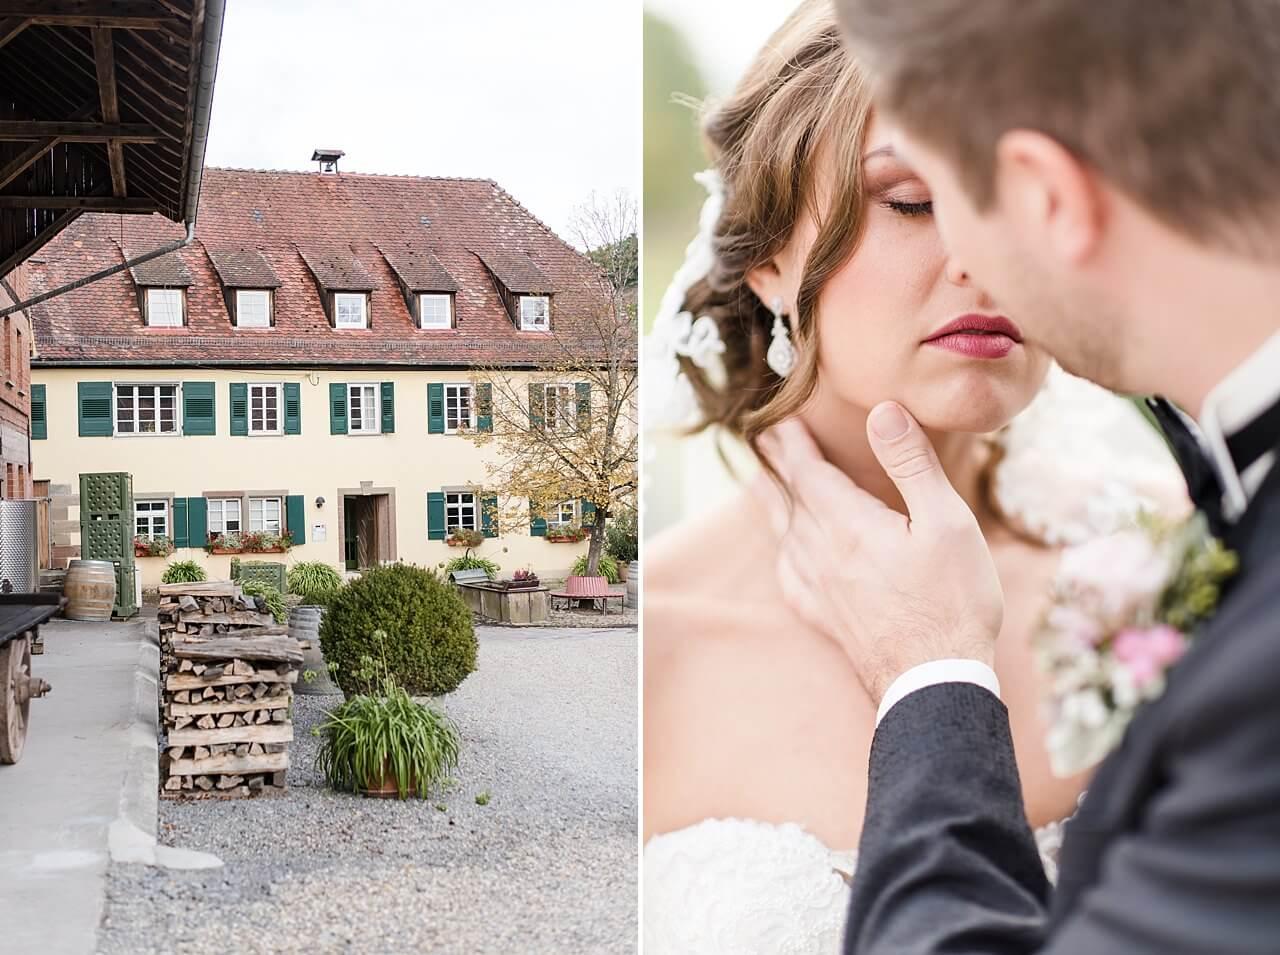 Rebecca Conte Fotografie: Griechisch-deutsche Hochzeit Steinbachhof 07